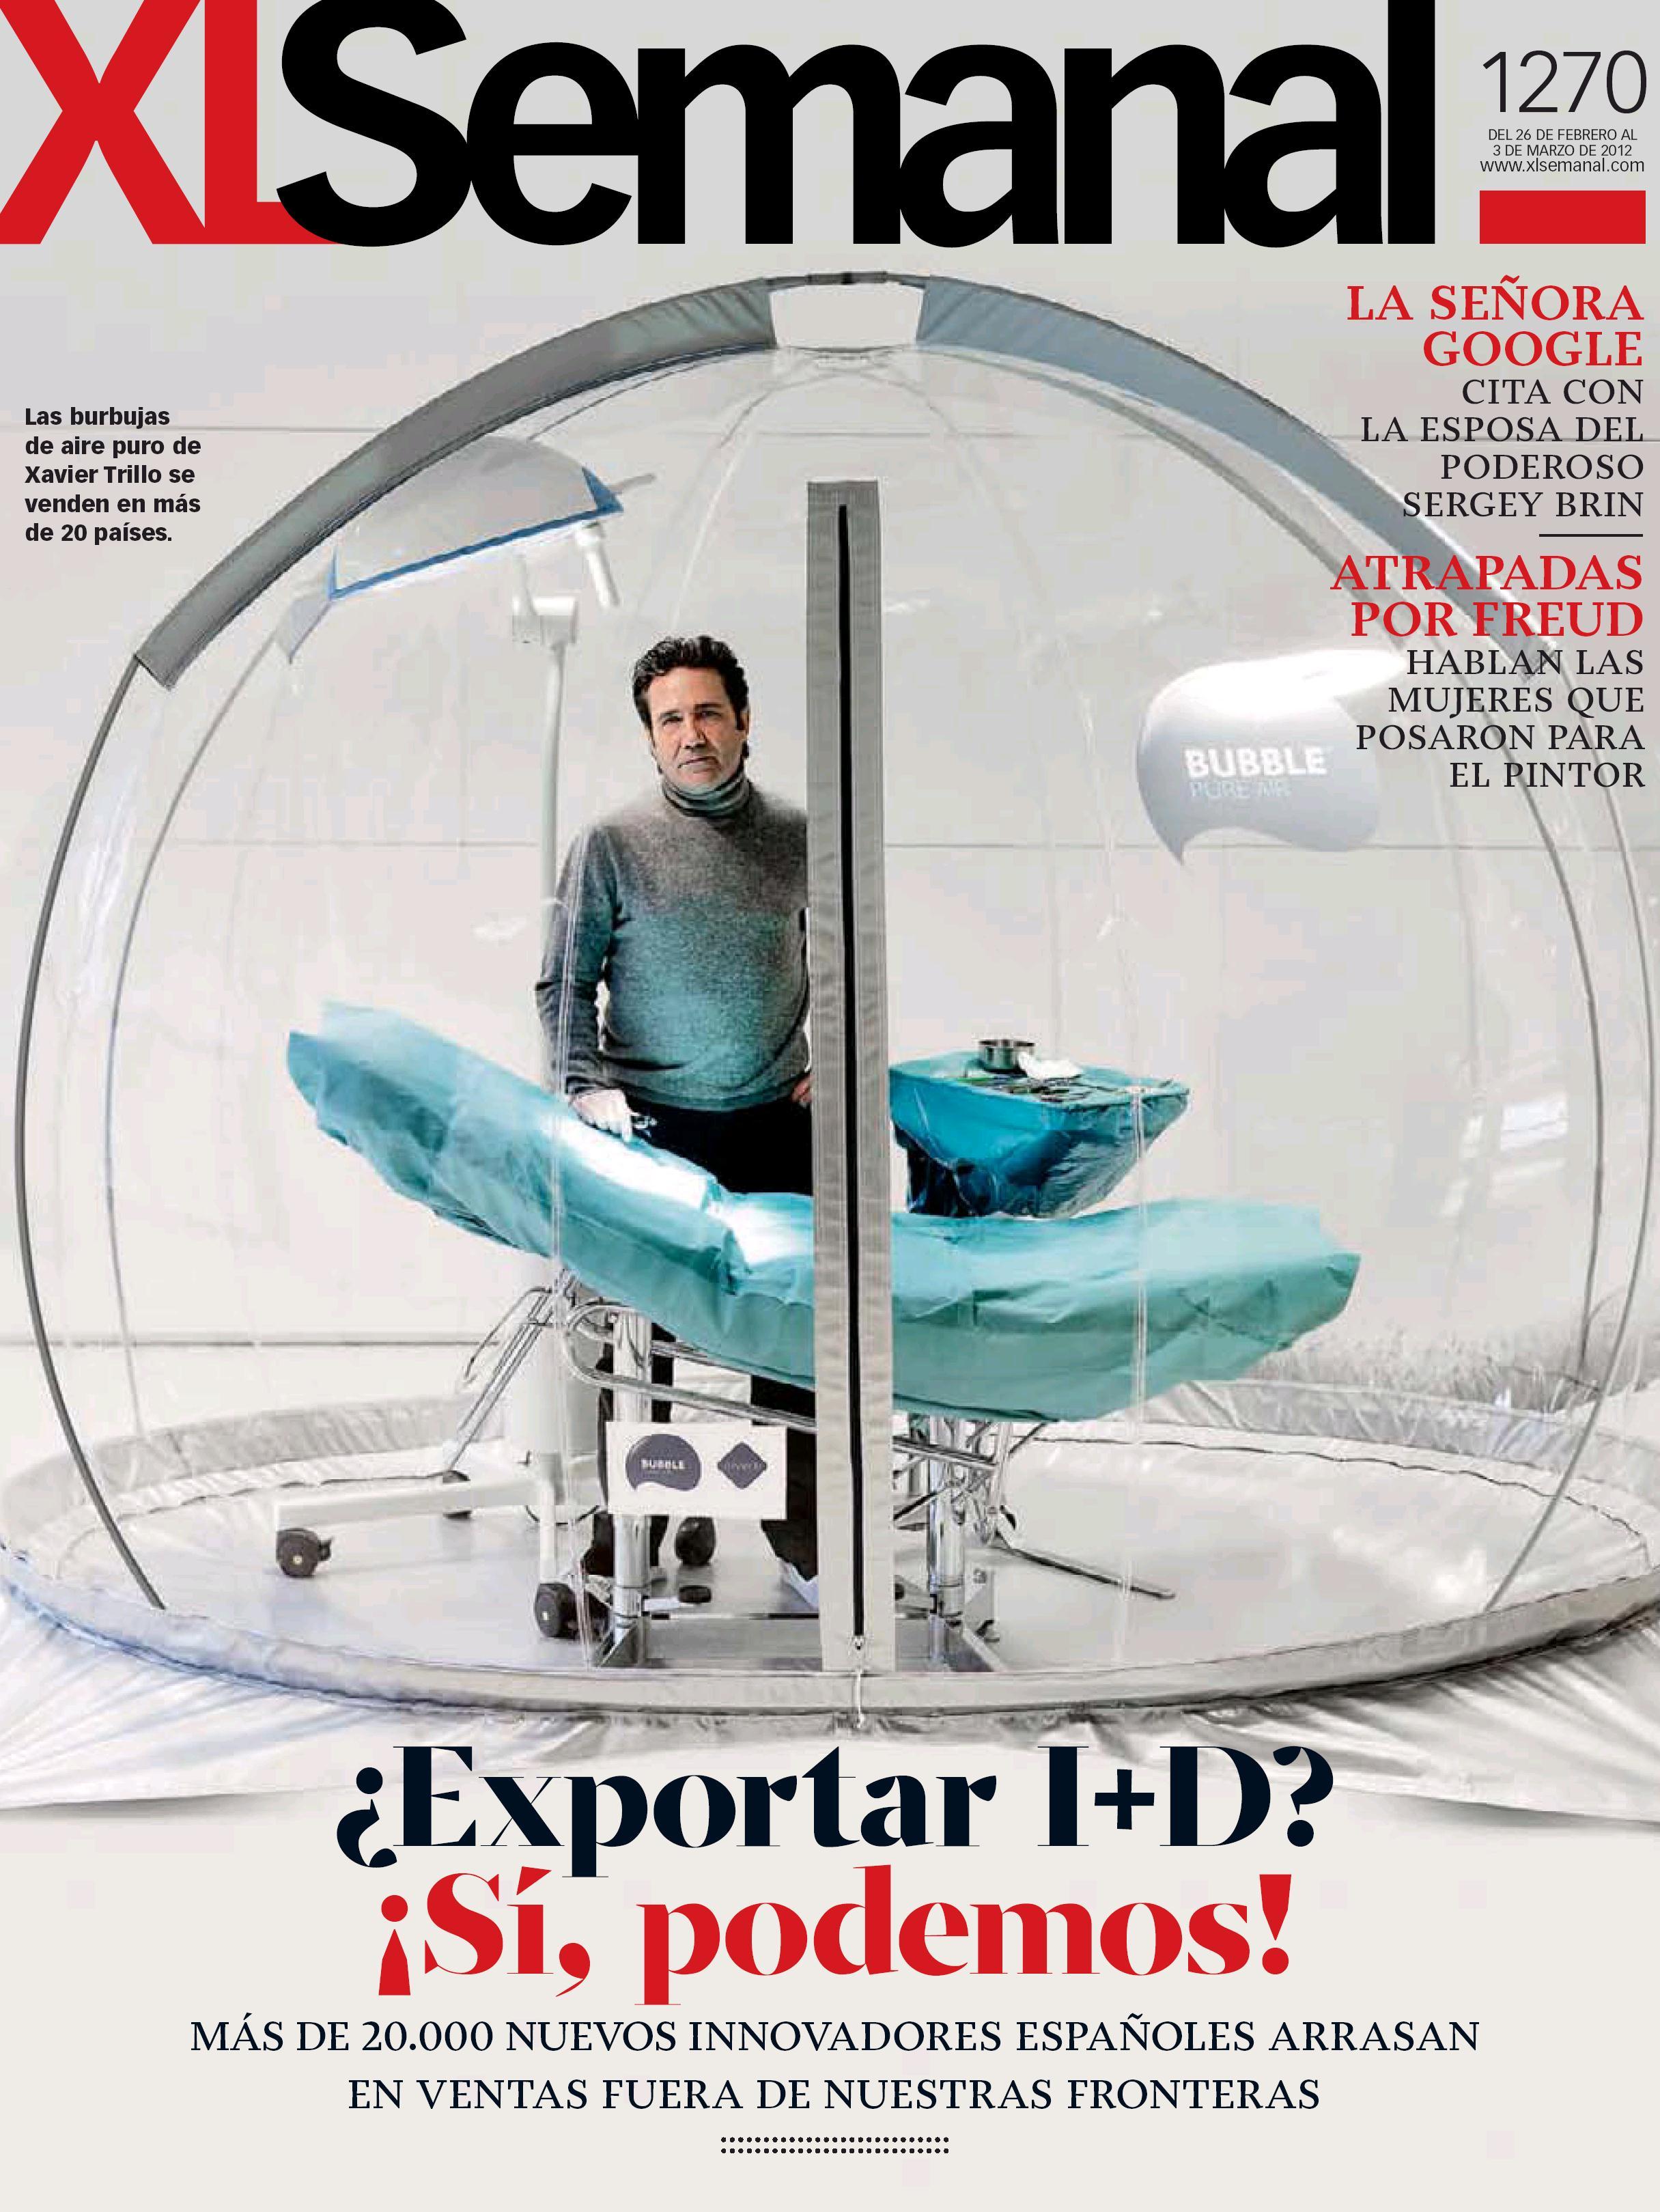 XL SEMANAL portada 26 febrero 2012